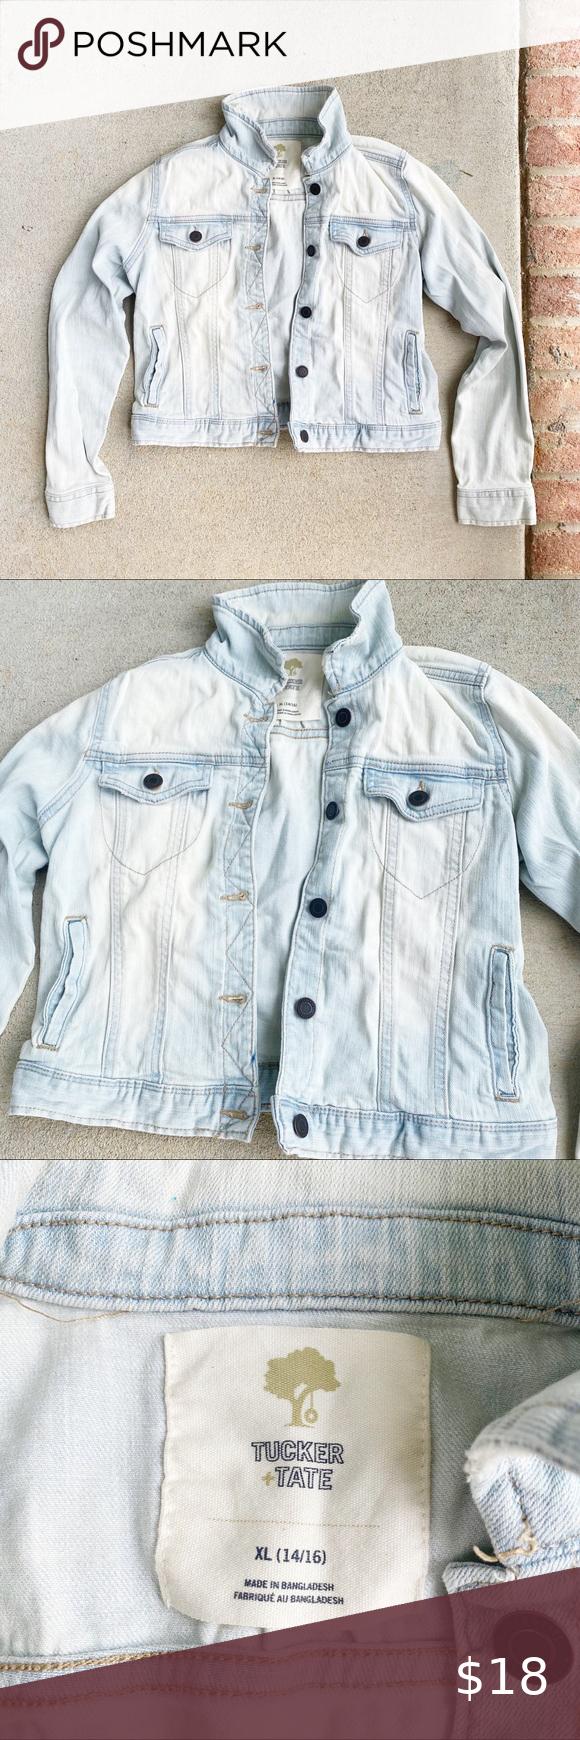 Tucker Tate Girls Xl Faded Denim Jacket Faded Denim Denim Jacket Jackets [ 1740 x 580 Pixel ]